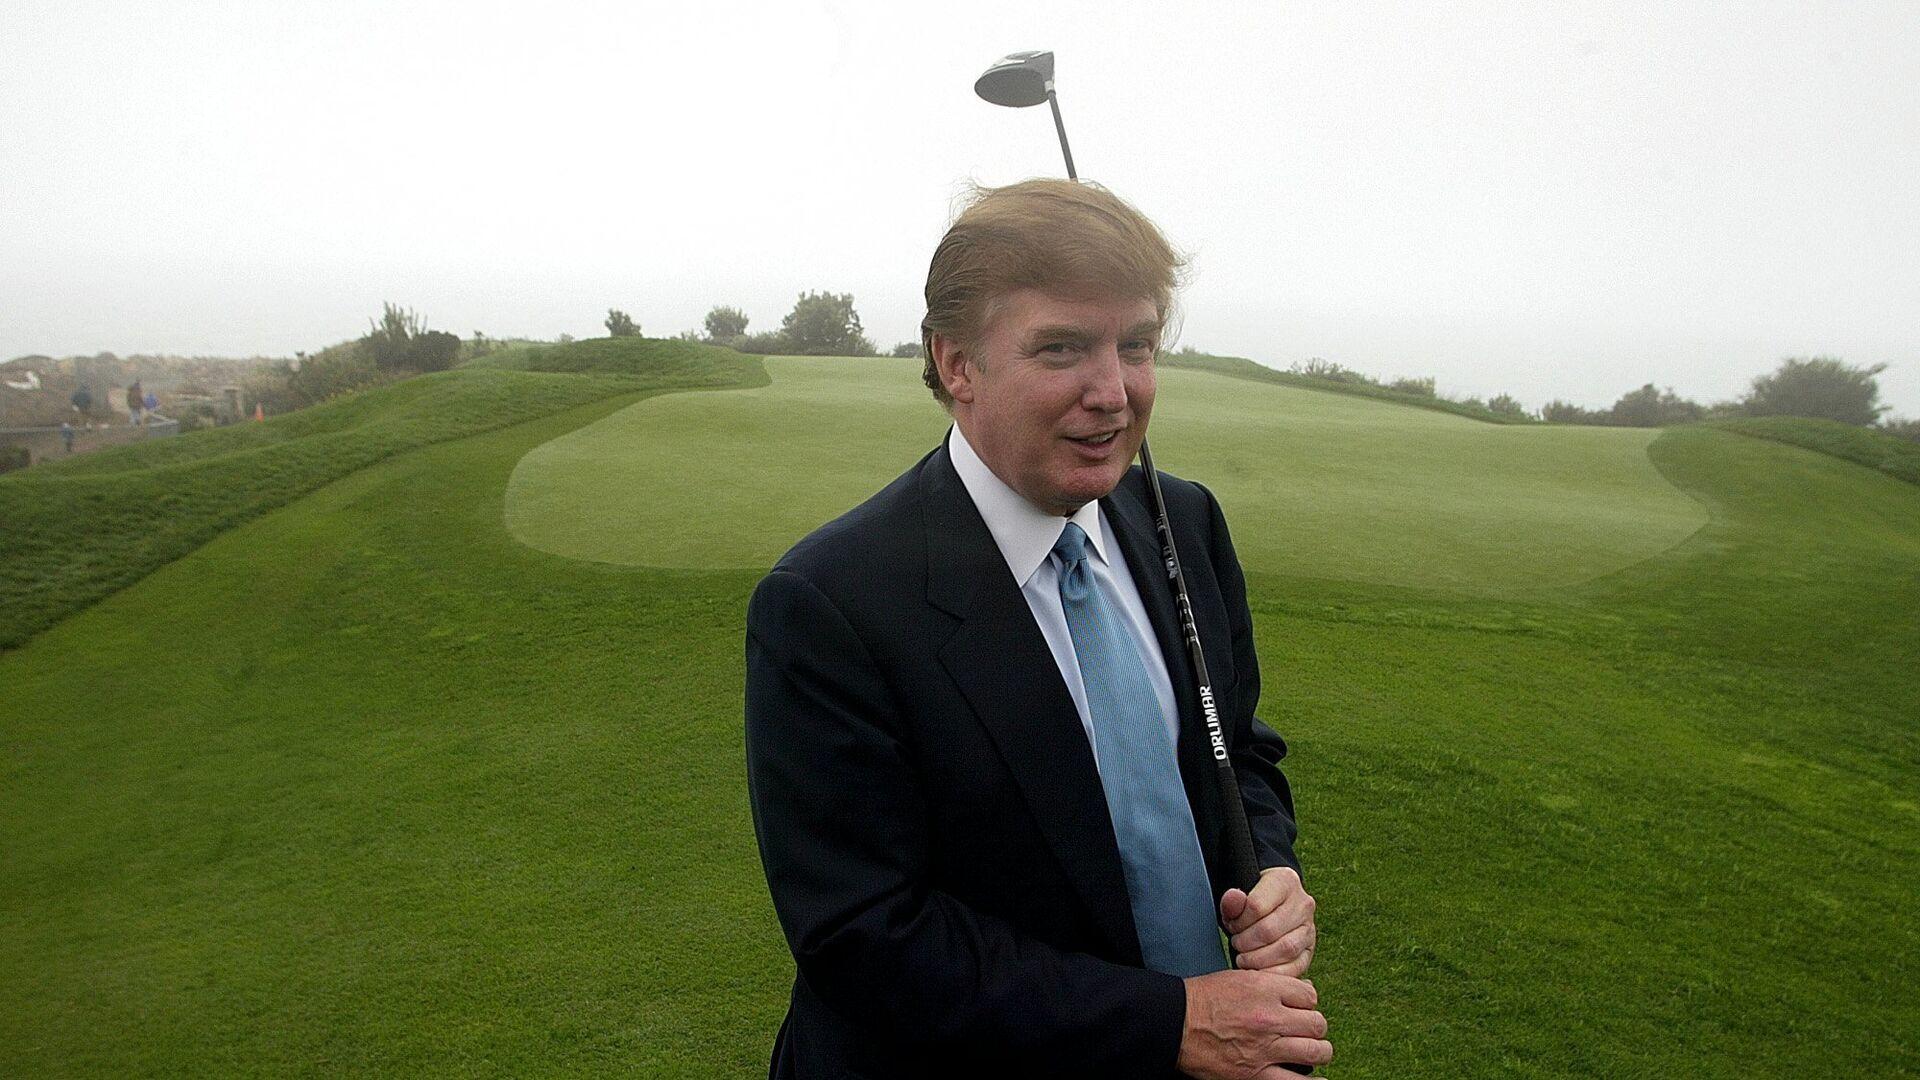 Дональд Трамп с клюшкой для игры в гольф - РИА Новости, 1920, 12.07.2020